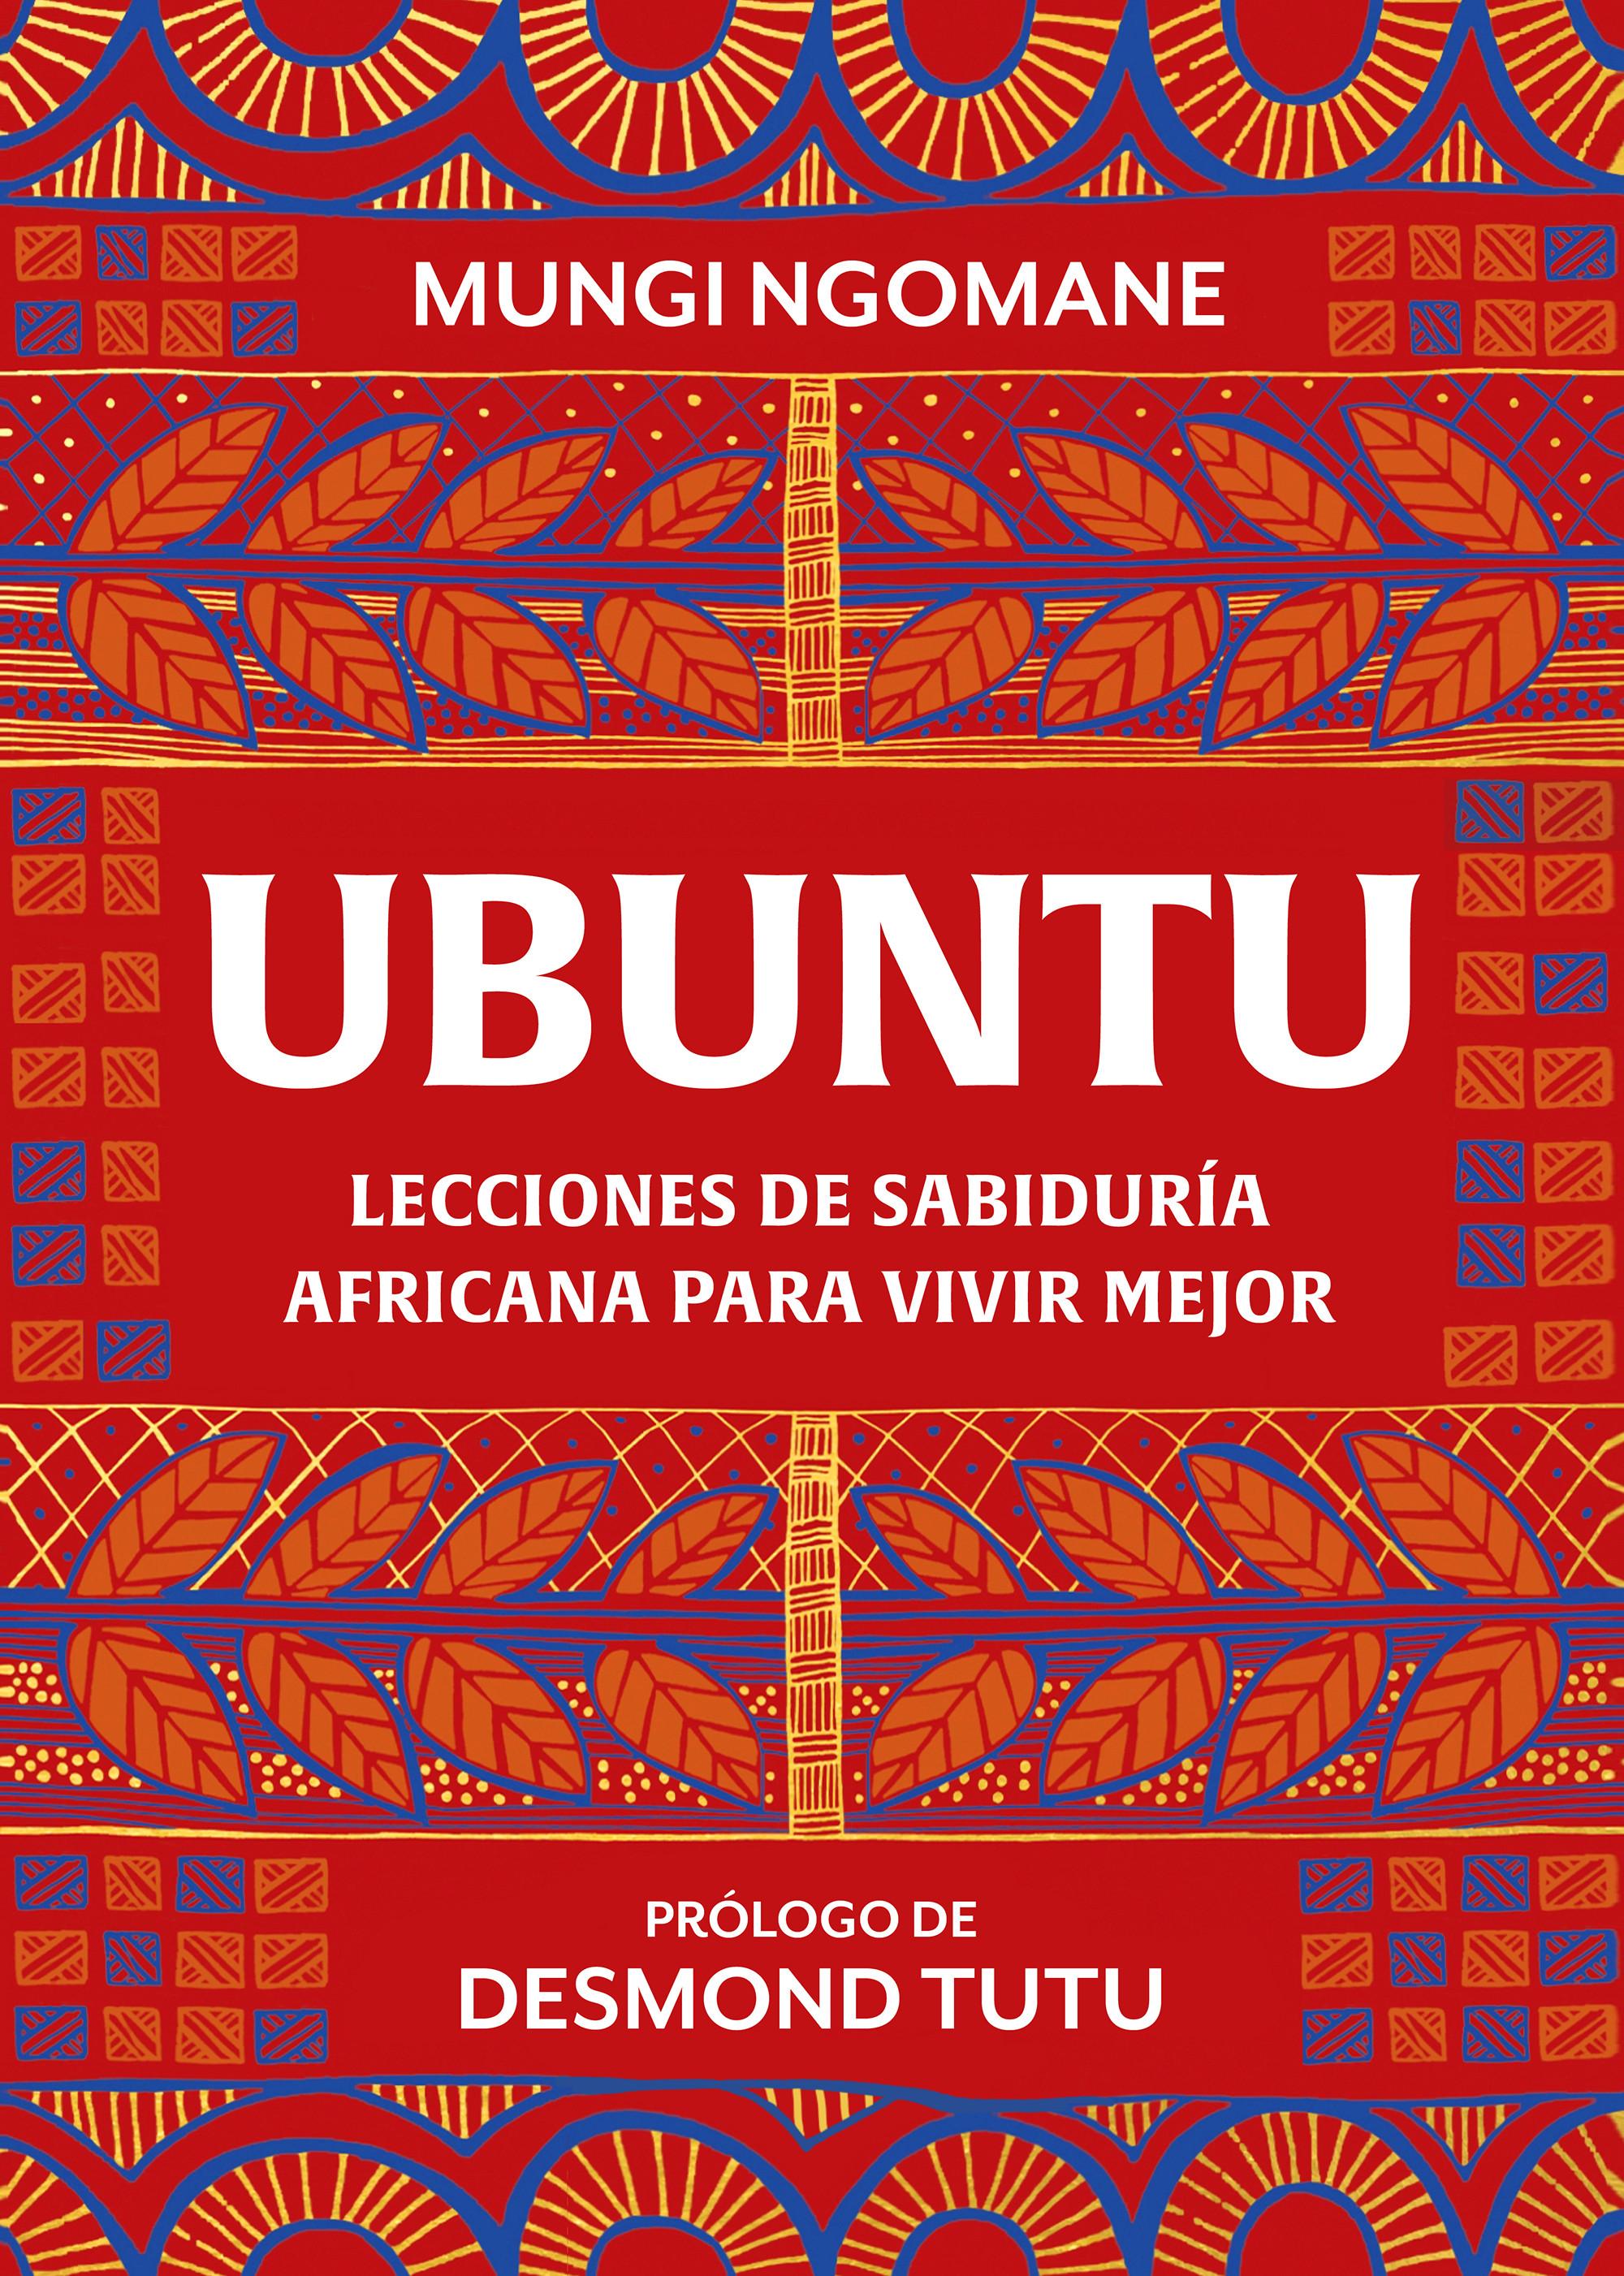 Ubuntu. Lecciones de sabiduría africana para vivir mejor